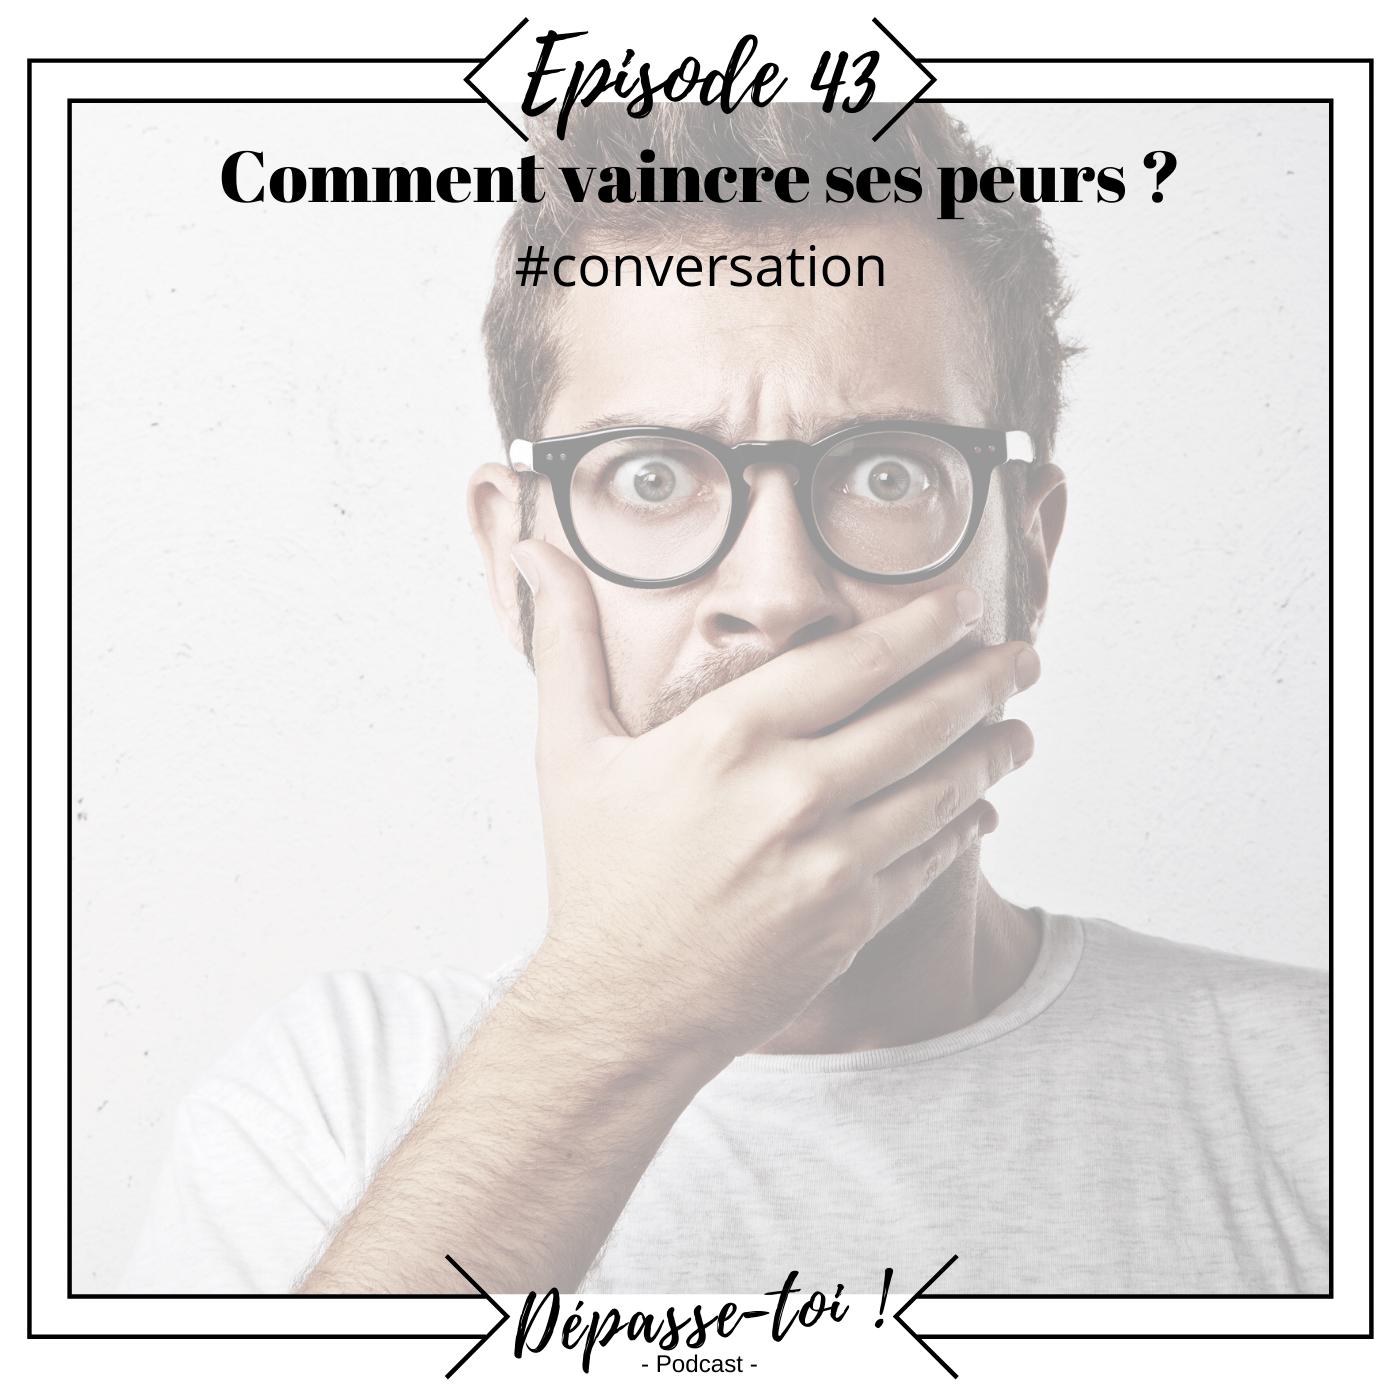 #43 - Comment vaincre ses peurs ? la technique simple de la conversation.